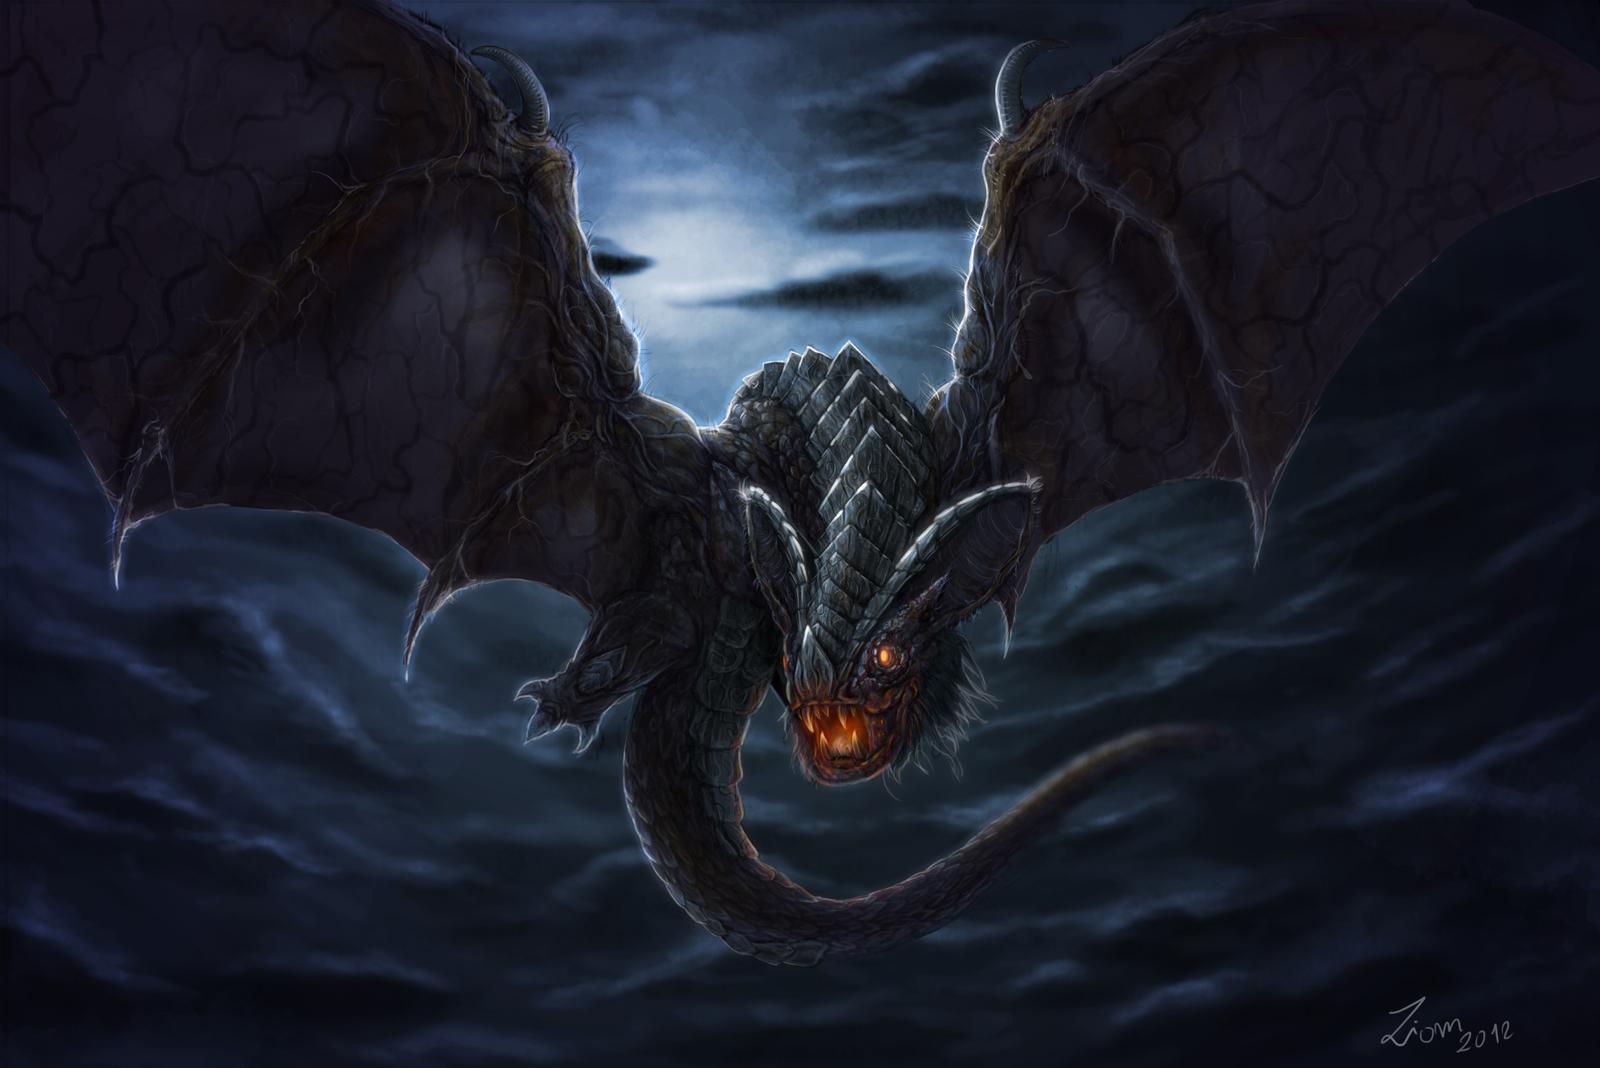 Dragonbat by Ziom05